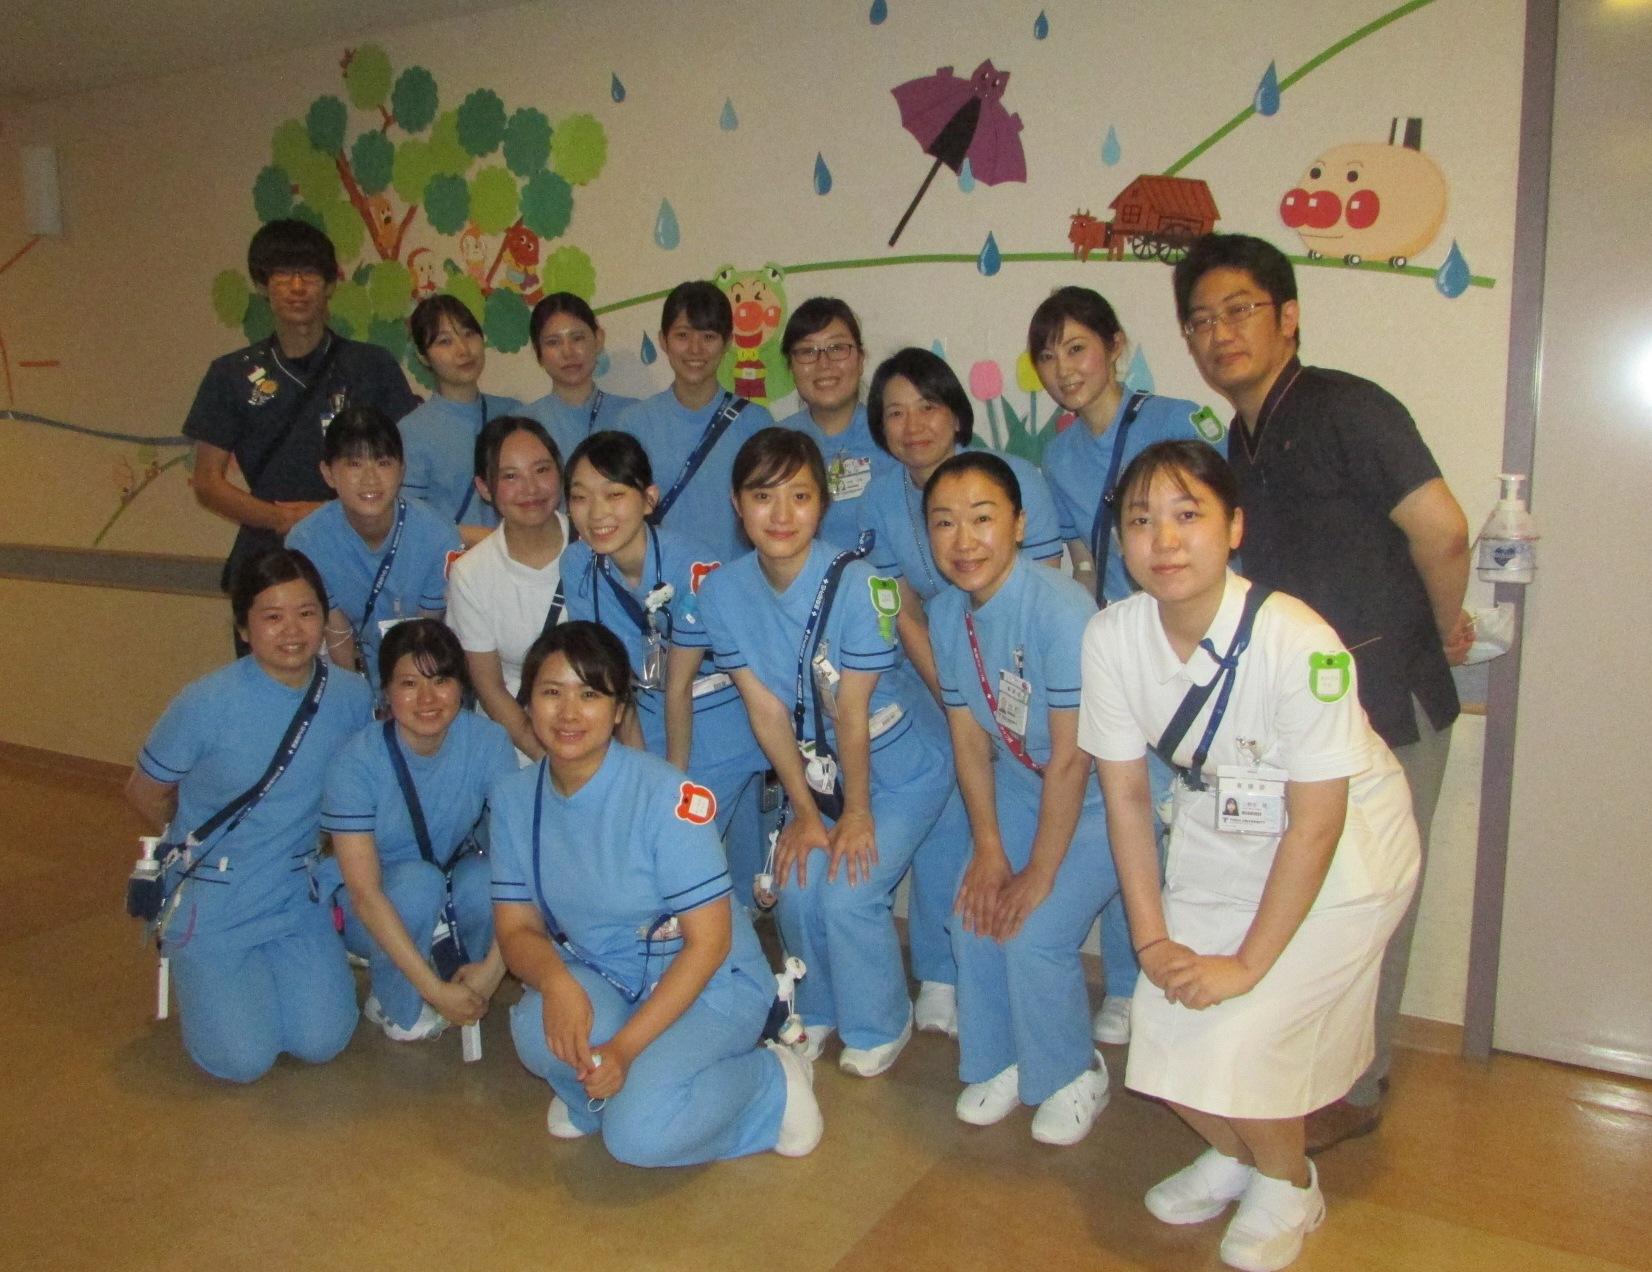 4A病棟:小児科、小児外科